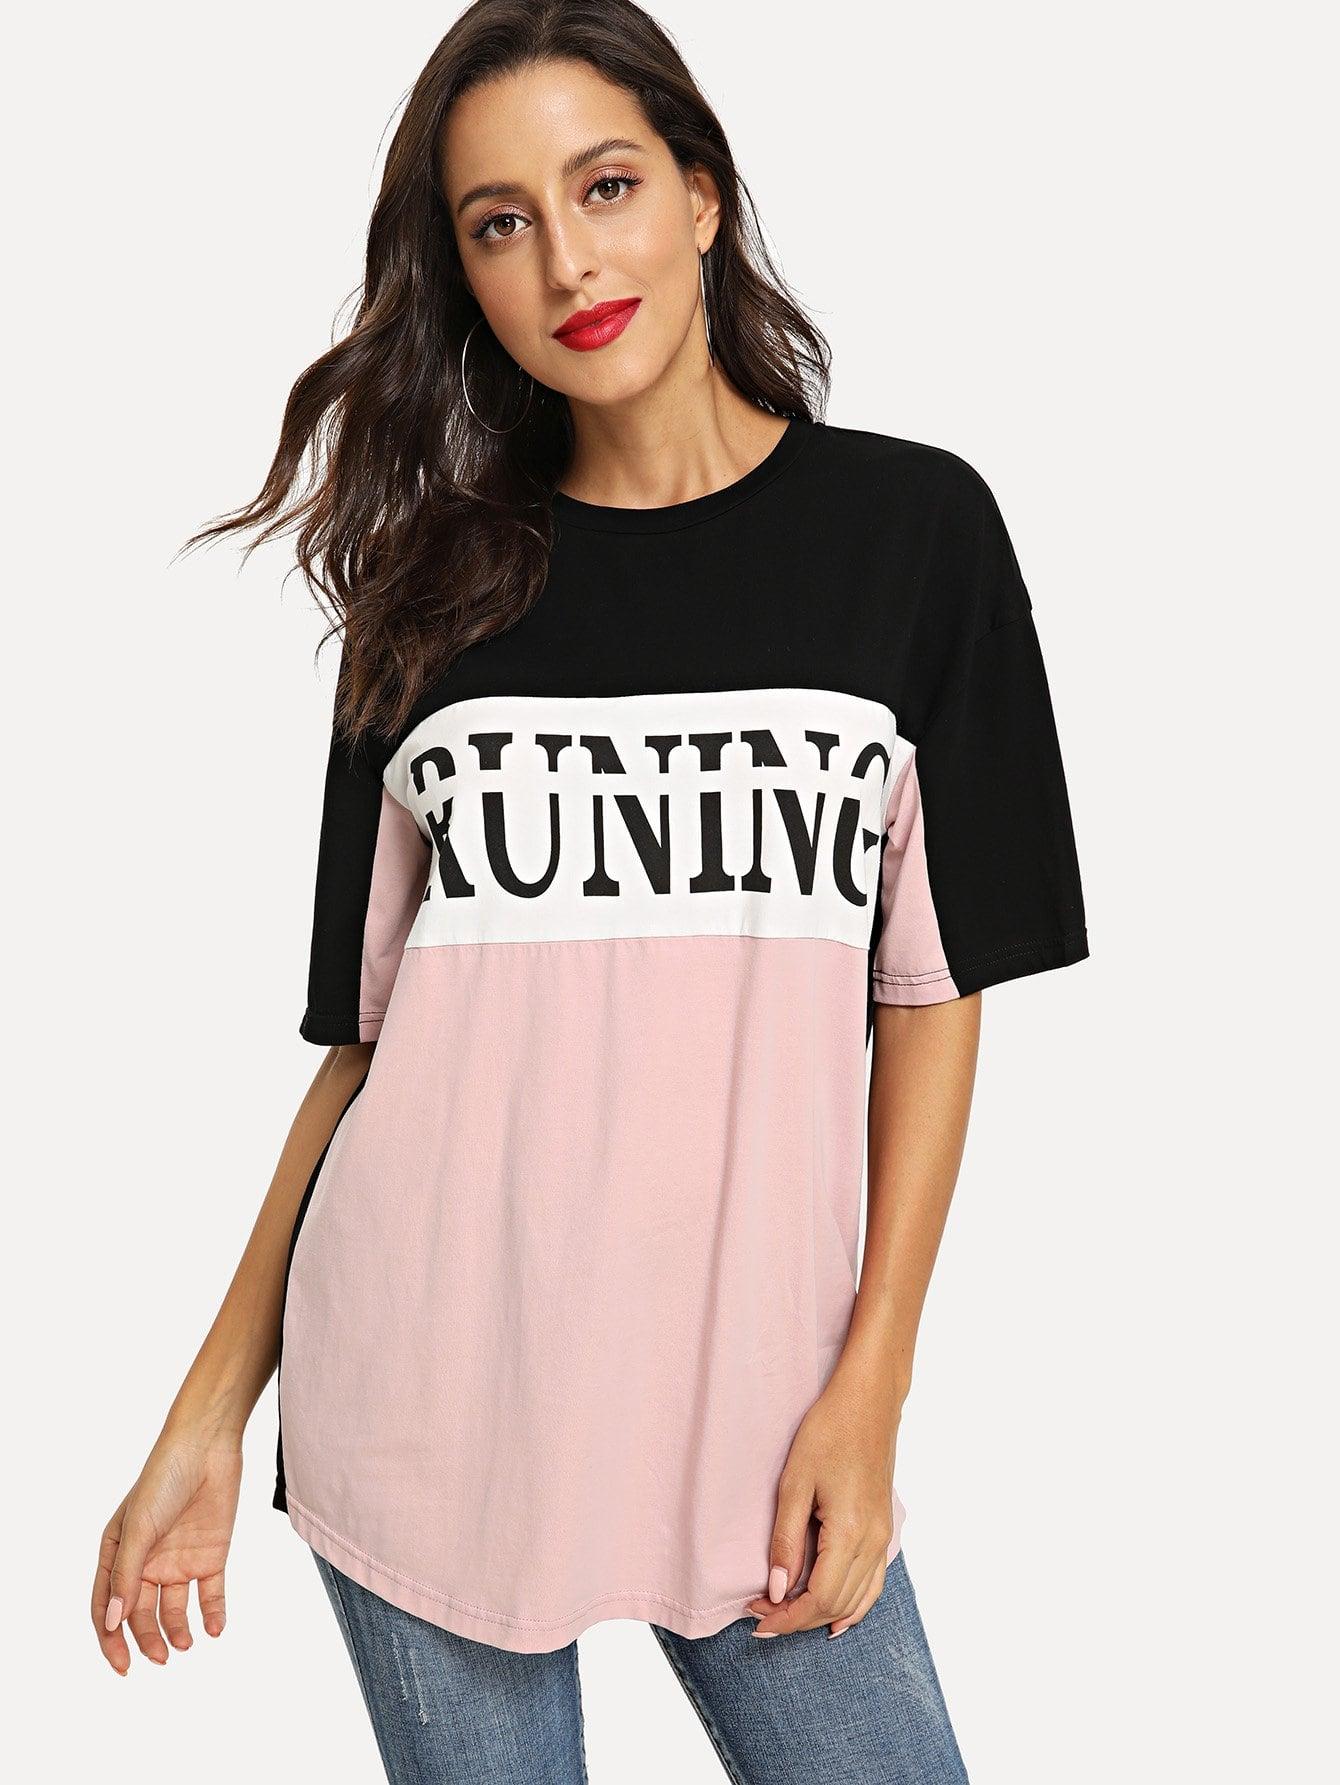 Купить Контрастная футболка с принтом букв, Mary P., SheIn